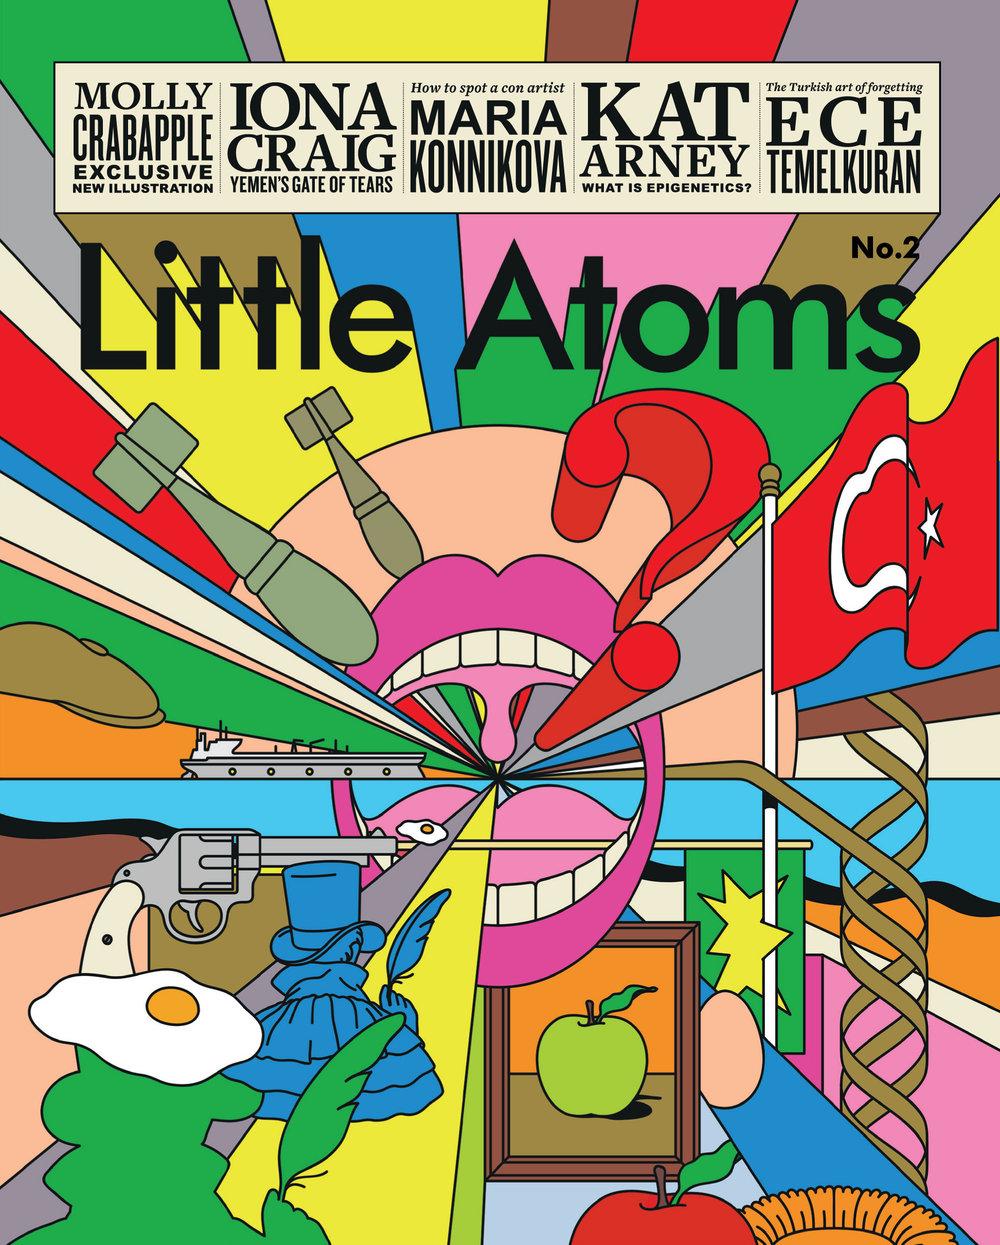 Edward Carvalho-Monaghan | Little Atoms